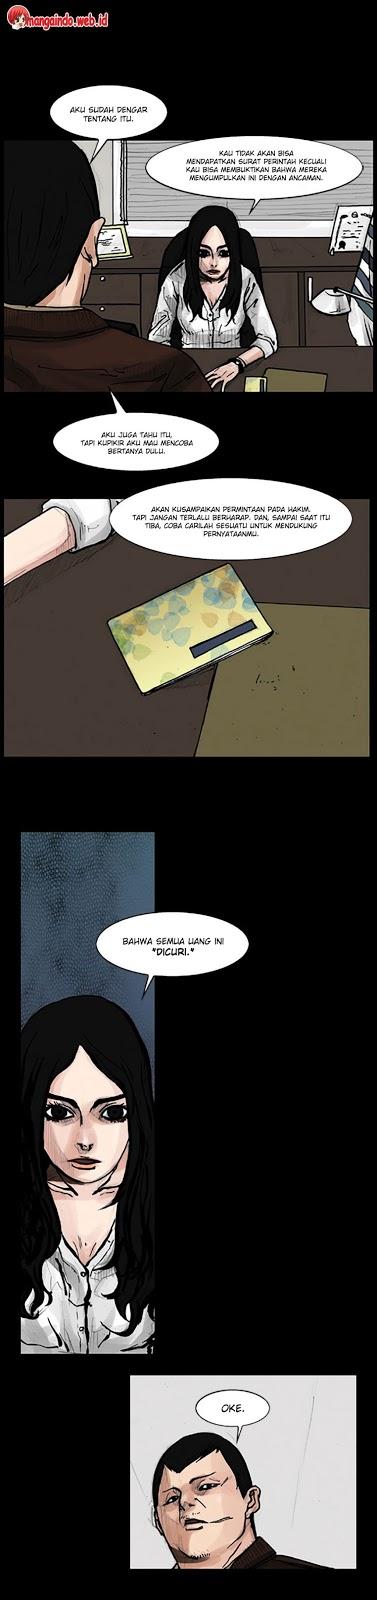 Dilarang COPAS - situs resmi www.mangacanblog.com - Komik dokgo 049 - chapter 49 50 Indonesia dokgo 049 - chapter 49 Terbaru 6|Baca Manga Komik Indonesia|Mangacan